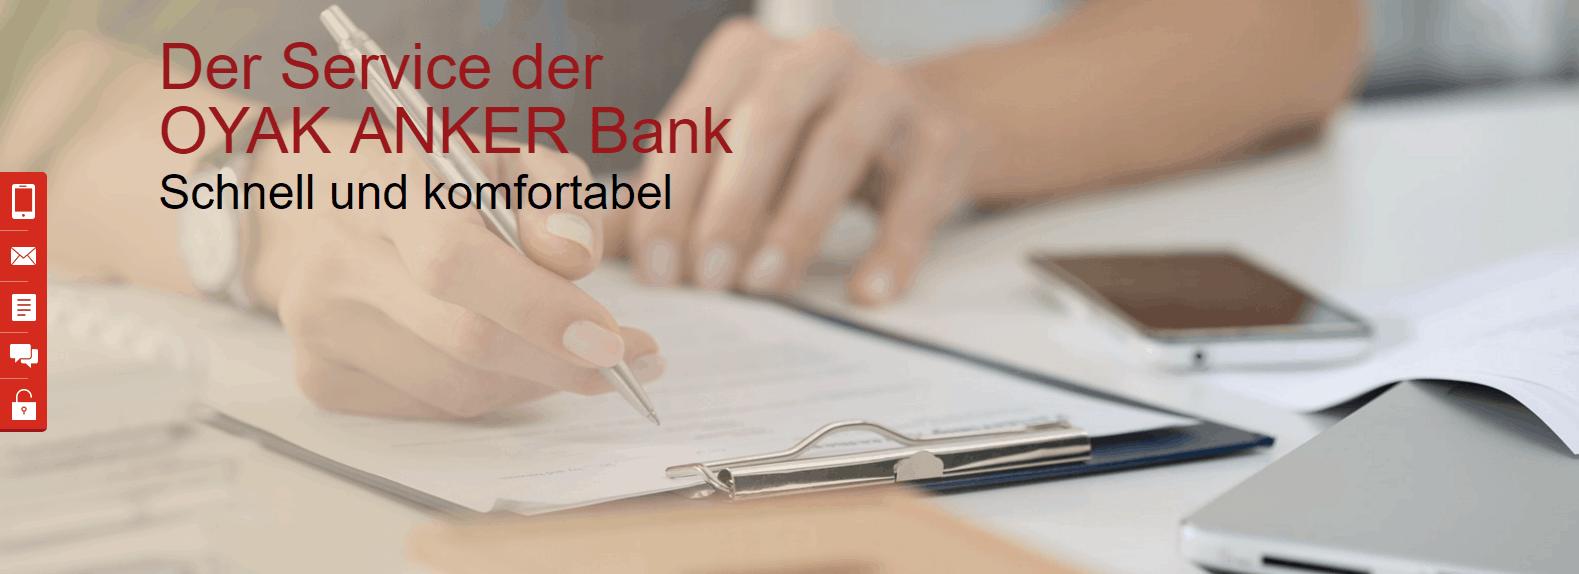 Oyak Anker Bank Festgeldkonto Erfahrungsbericht